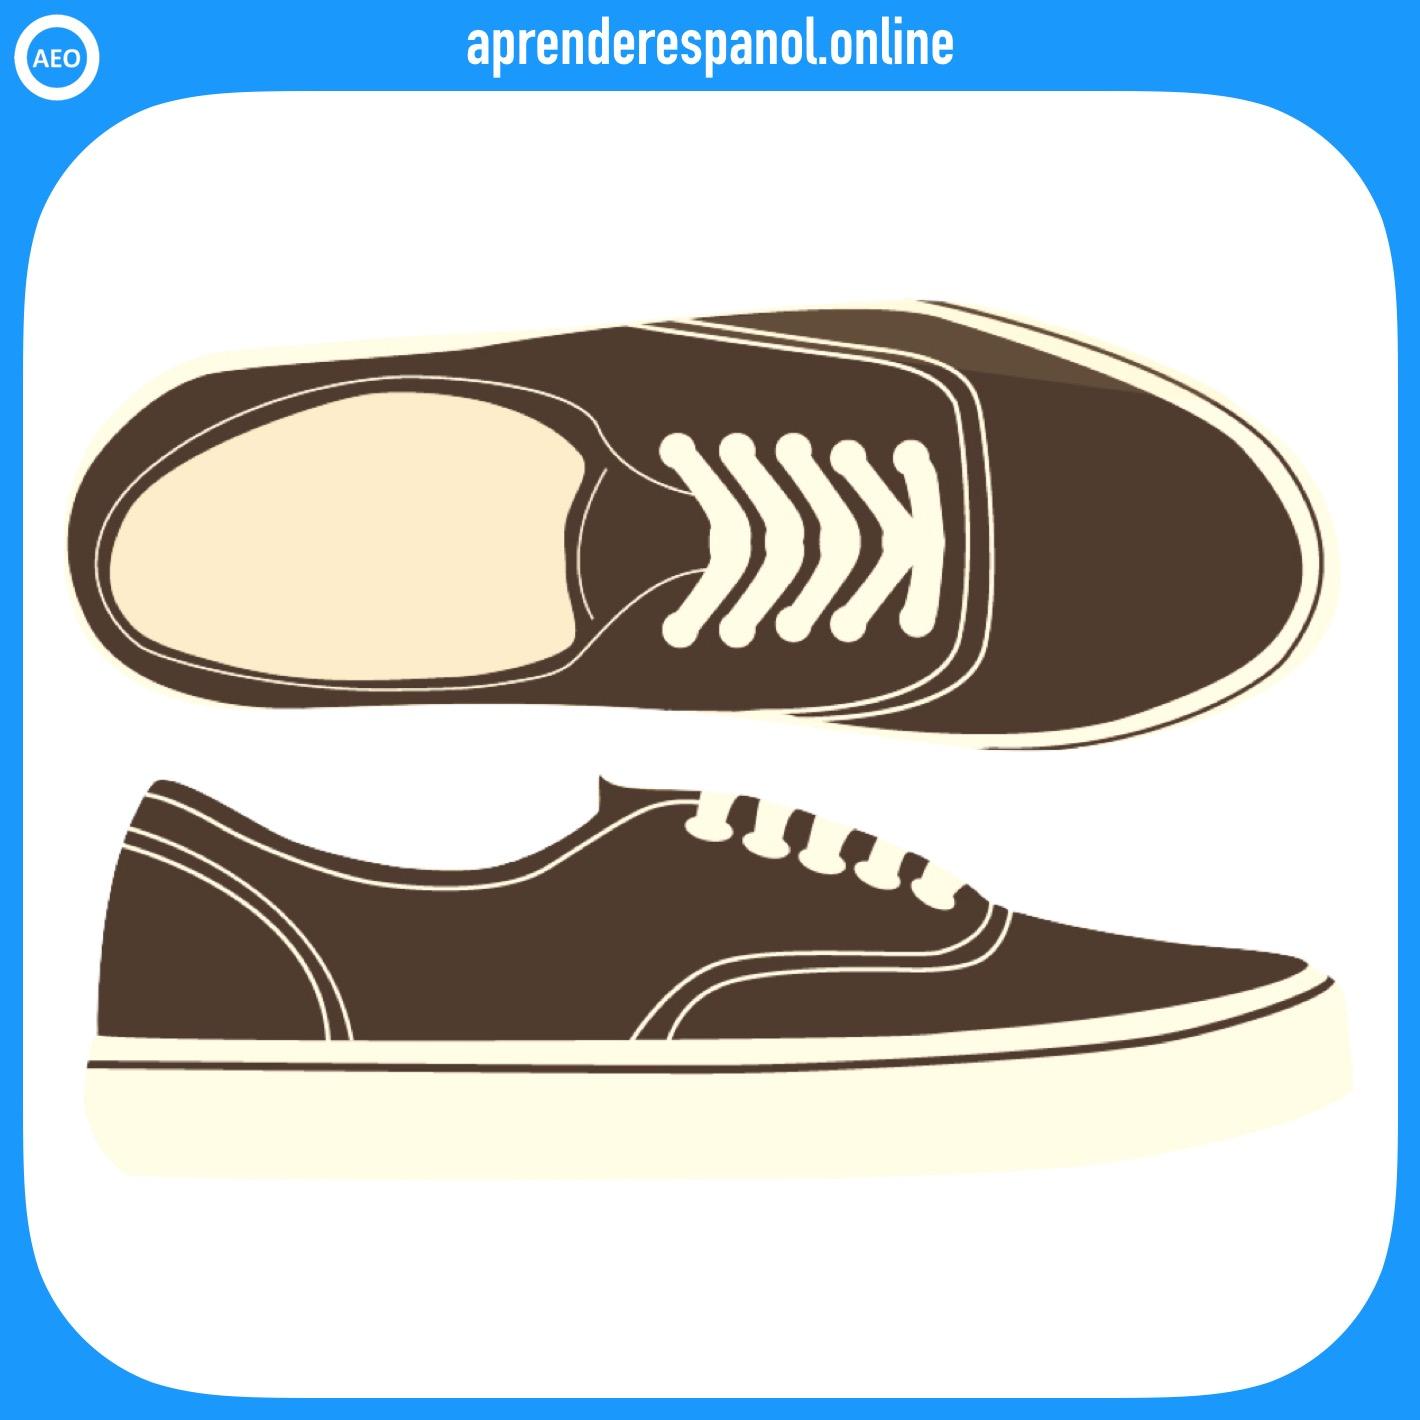 zapatillas | ropa en español | vocabulario de la ropa en español